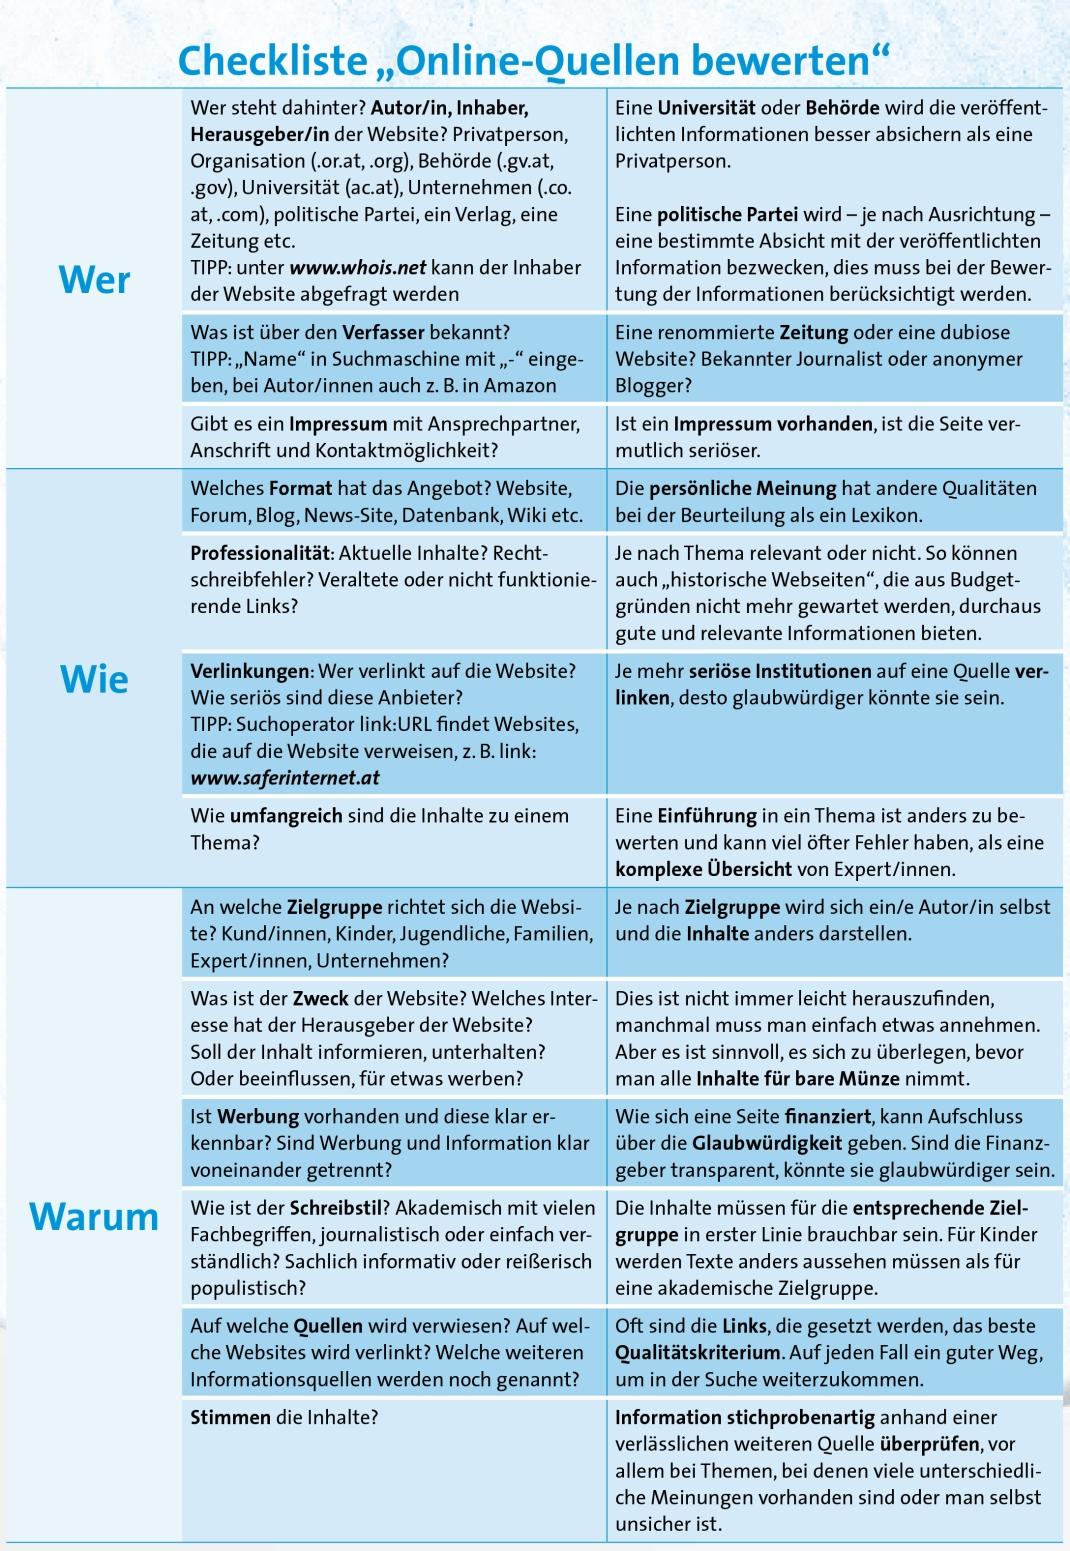 Checkliste_Online-Quellen.jpg